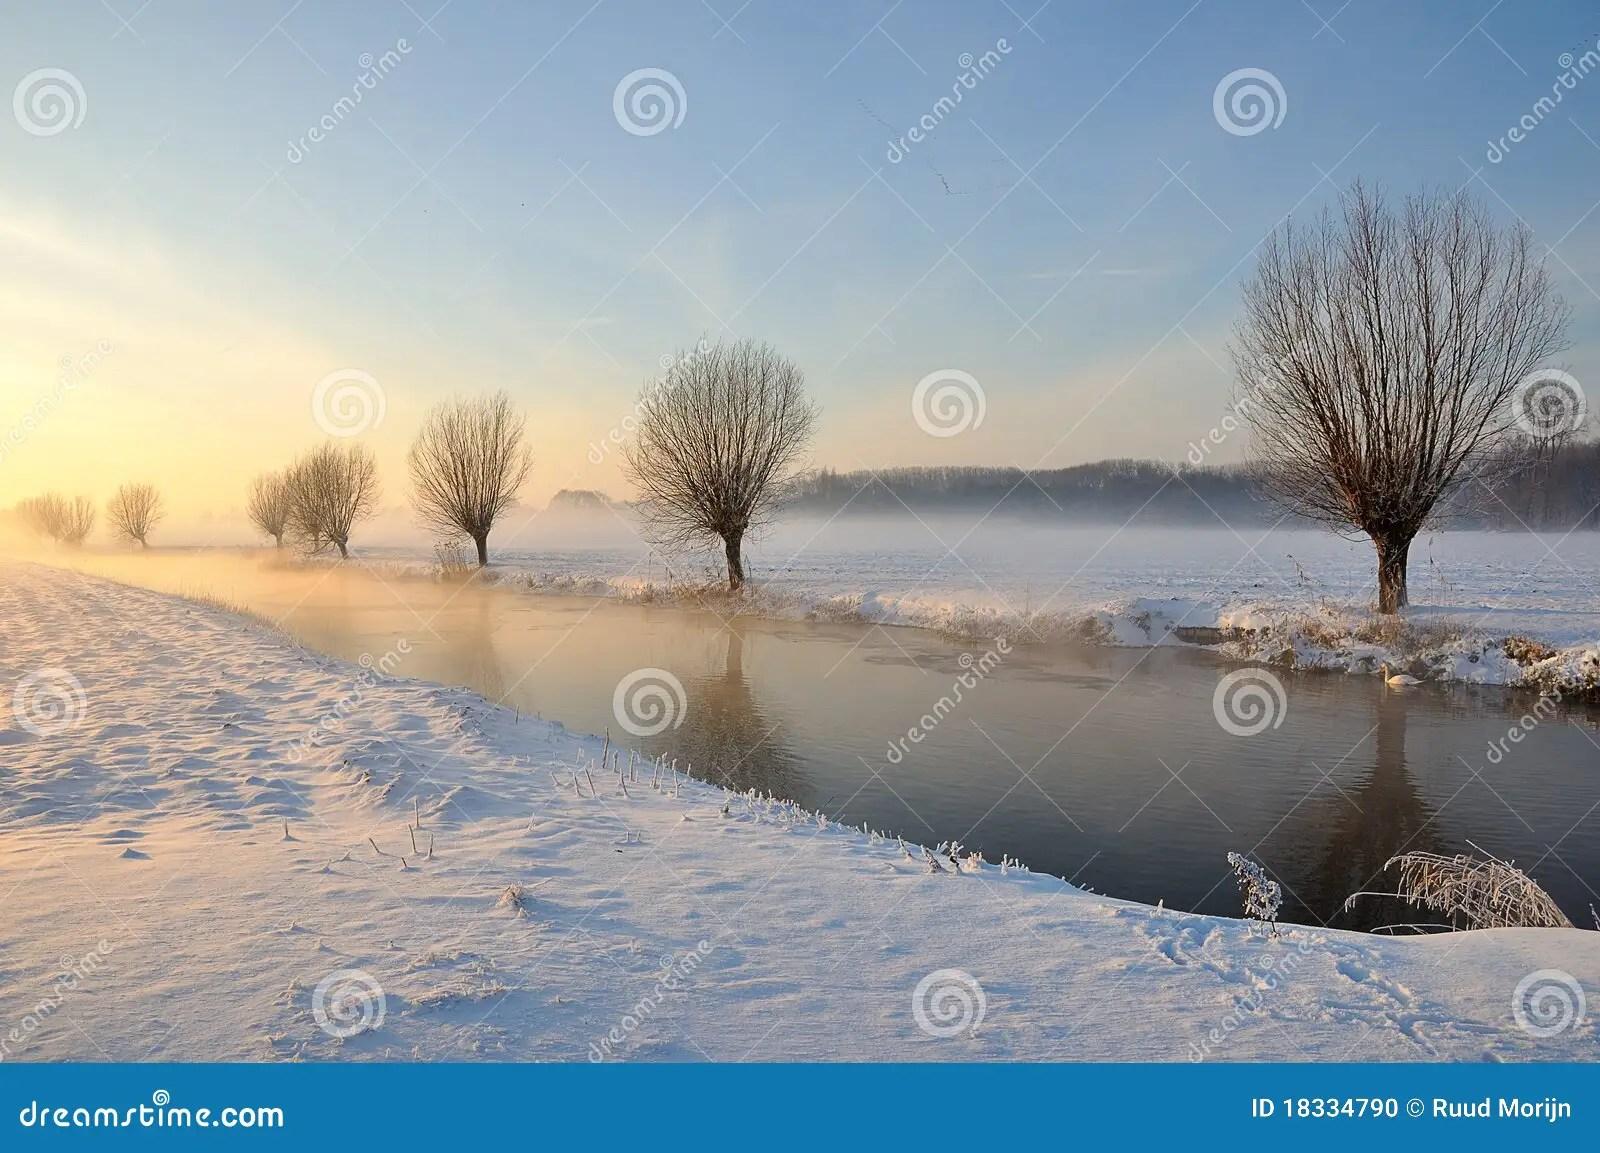 Paesaggio Olandese Di Inverno Con Neve Ed Il Sole Basso